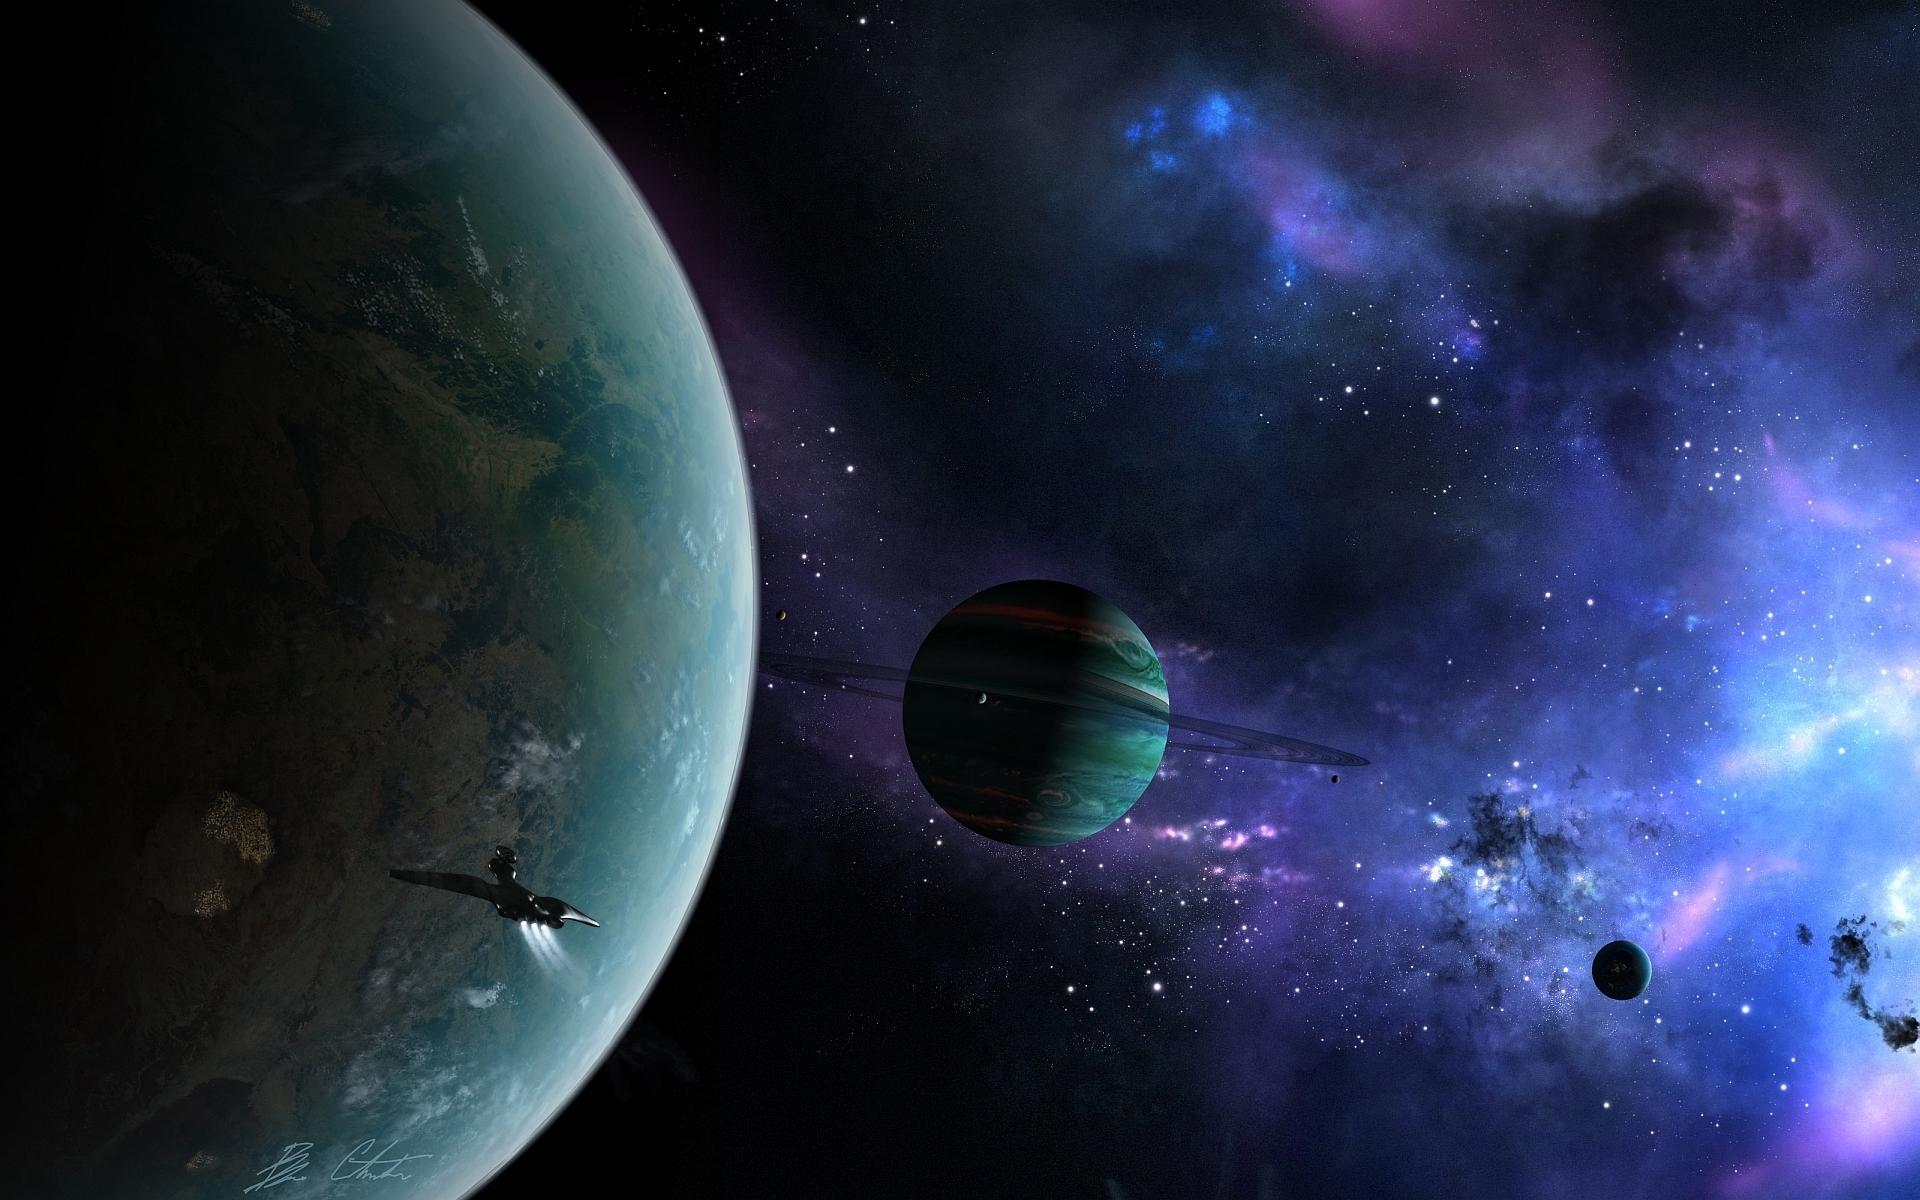 Обои космос планета корабль картинки на рабочий стол на тему Космос - скачать  № 3125480 загрузить